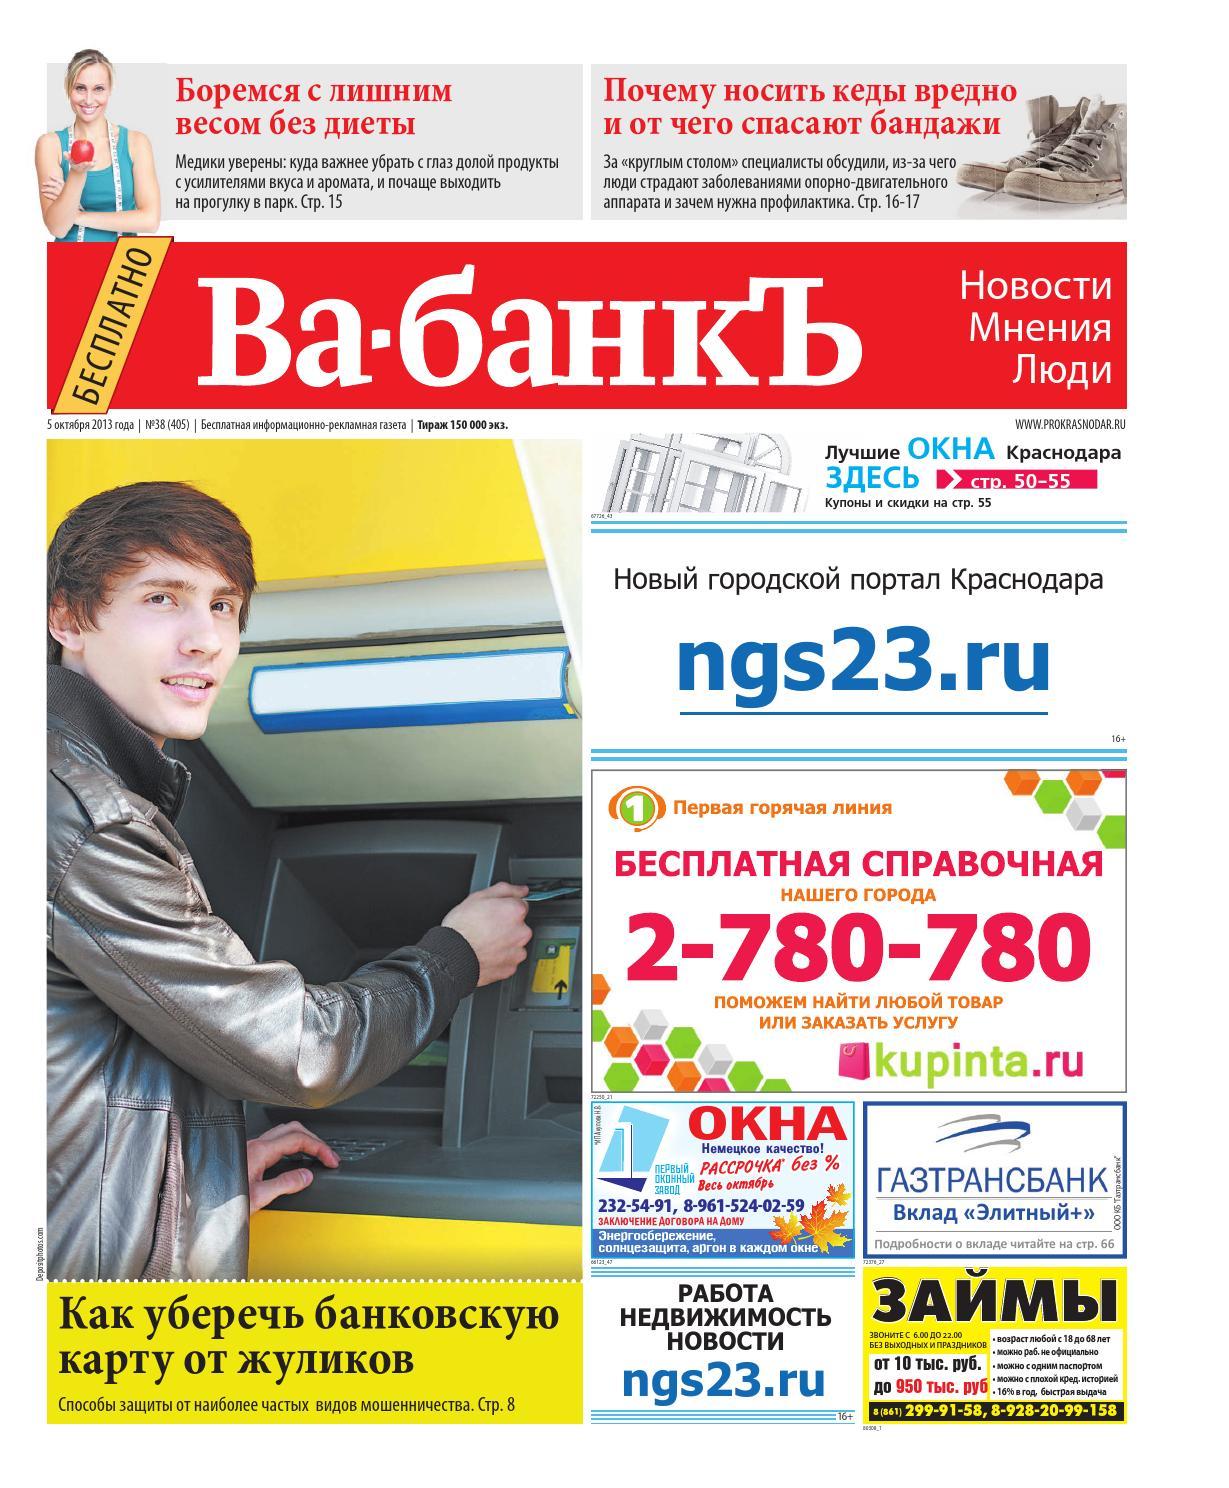 кредит без проверки кредитной истории без справок и поручителей наличными в новосибирске